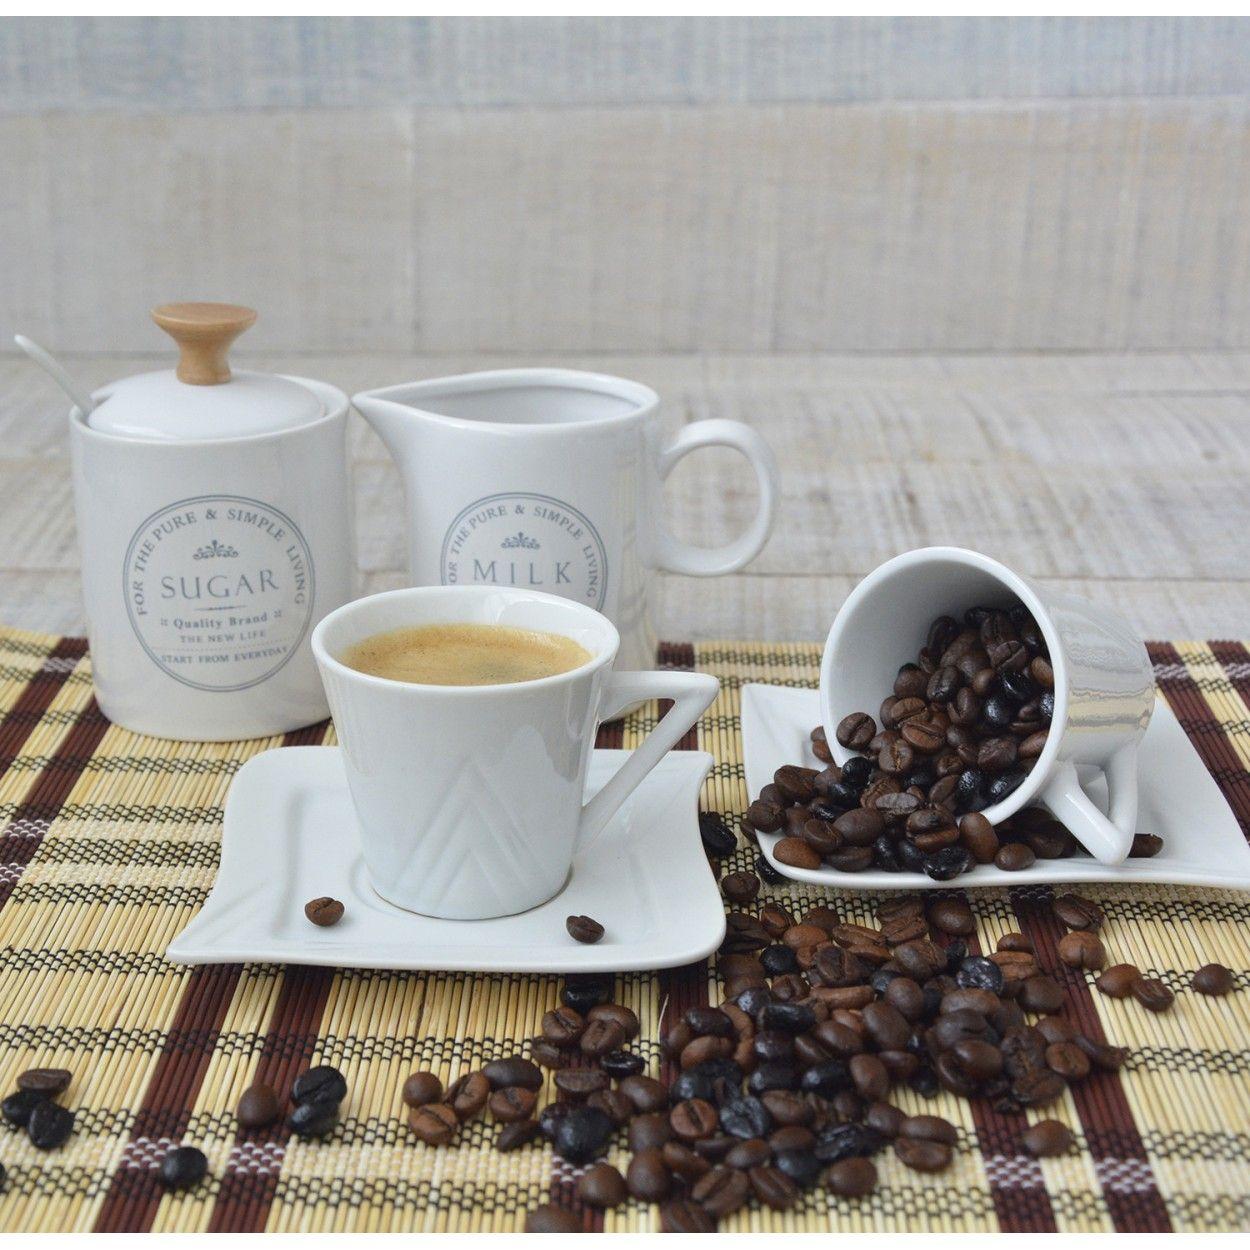 Juego de caf de edici n we love de 6 tazas y 6 platos 100cc cer mica hogar y mas hogar y m s - Tazas de cafe de diseno ...